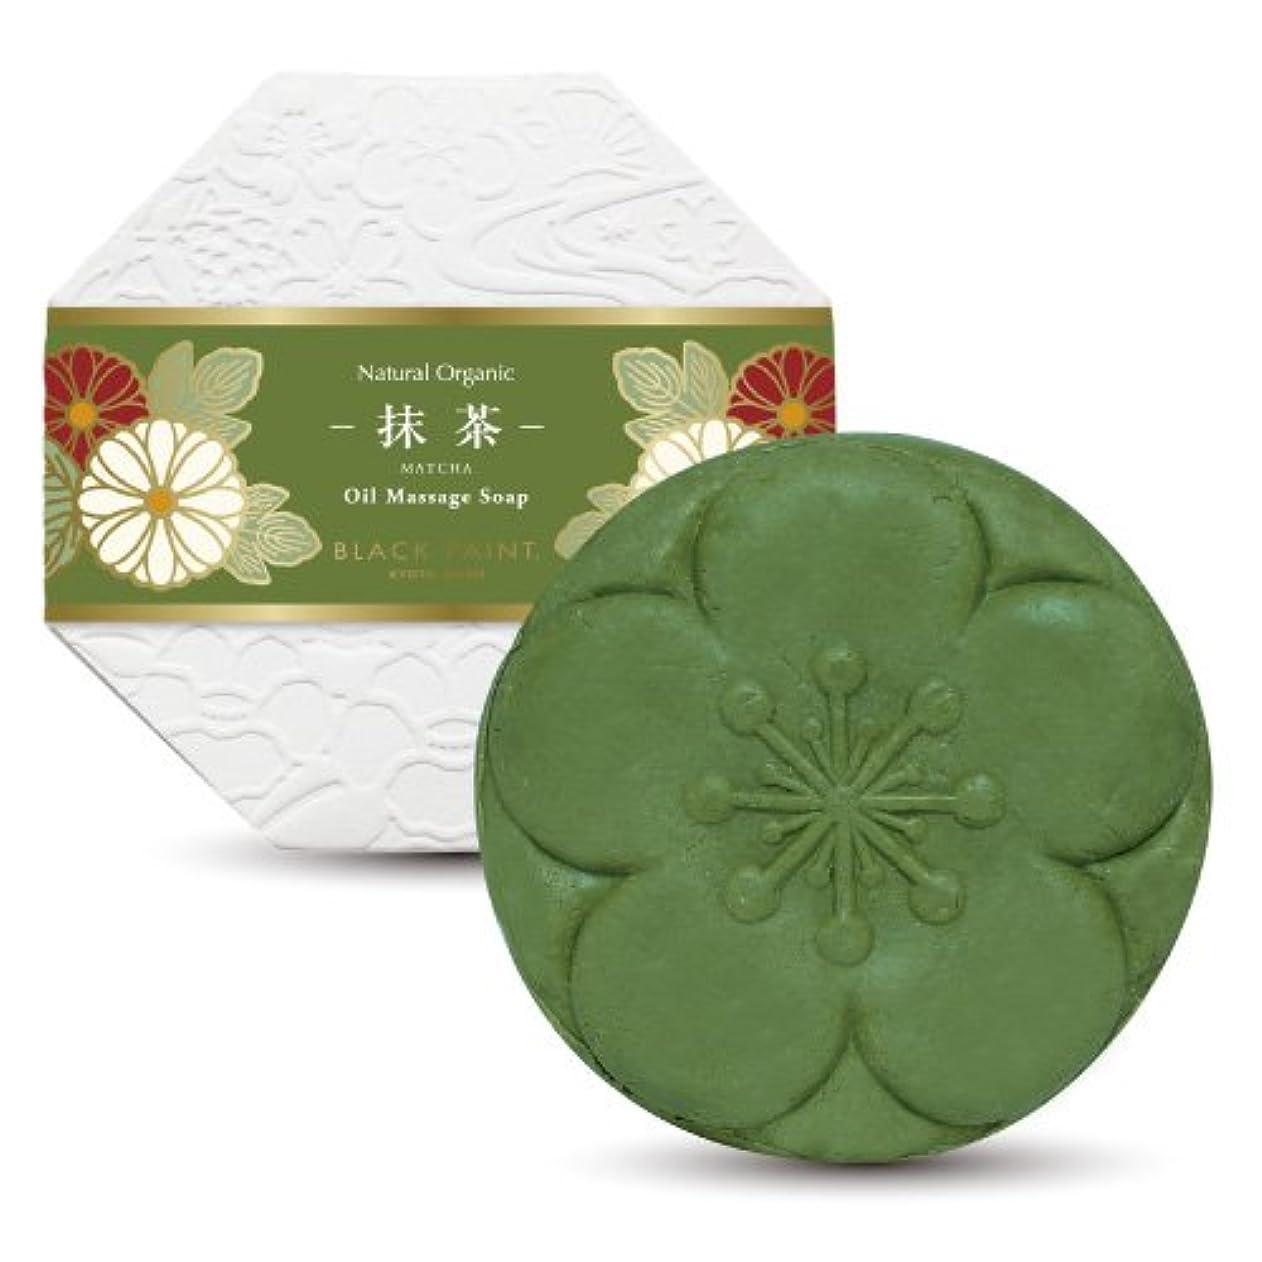 オセアニア結果としてペチュランス京のお茶石鹸 抹茶 120g 塗る石鹸